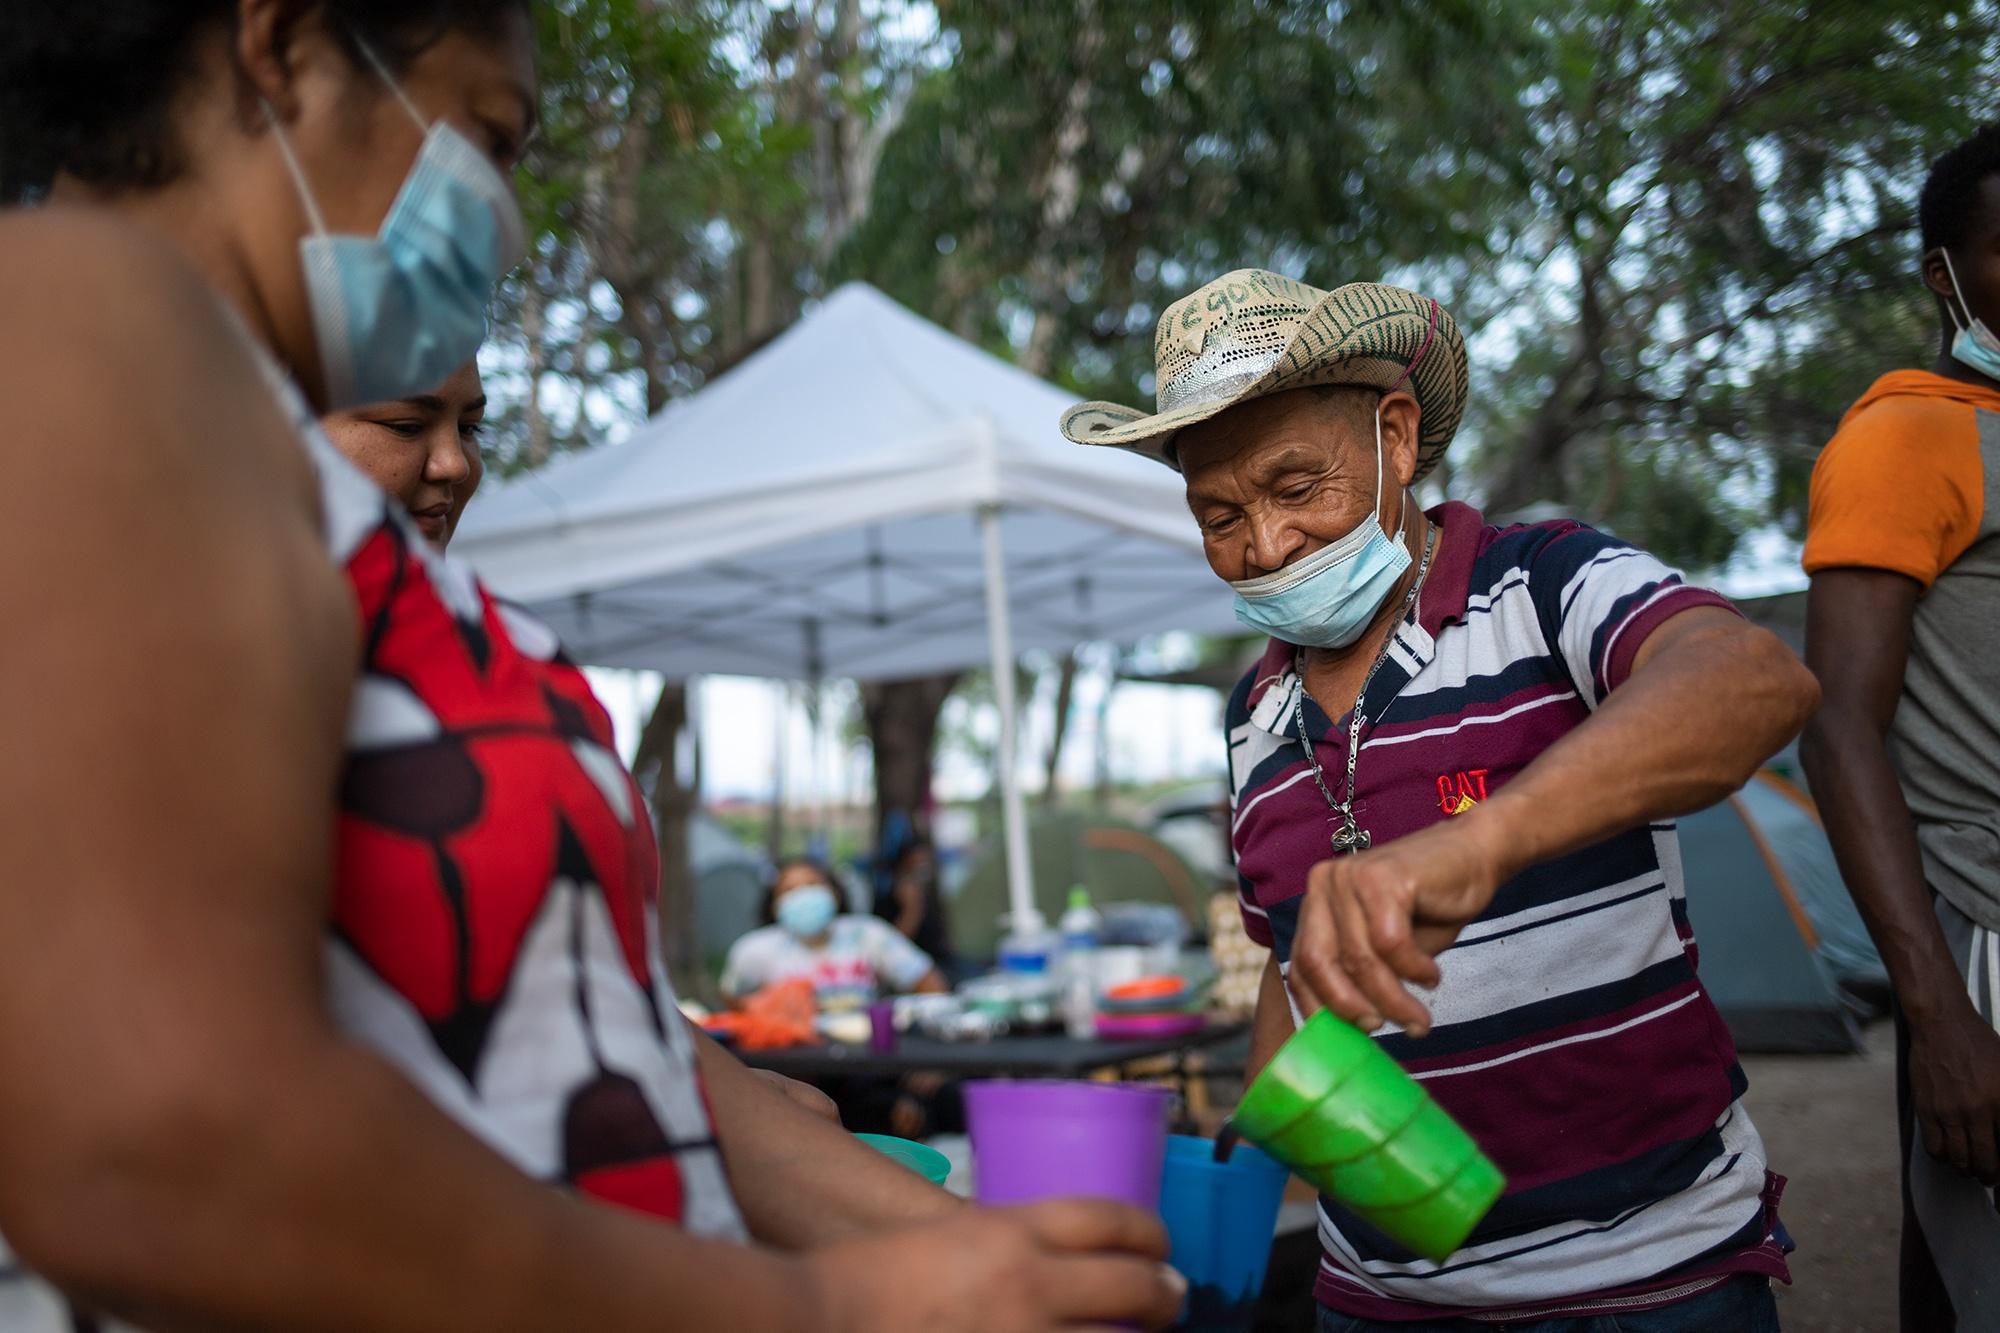 Gregorio Martínez de 80 años, miembro del Copinh, ayuda en las labores de la cocina común del Campamento Feminista Viva Berta. Gregorio es originario de Colomoncagua en el departamento de Intibucá. Tegucigalpa, 18 de mayo de 2021. Foto: Martín Cálix.